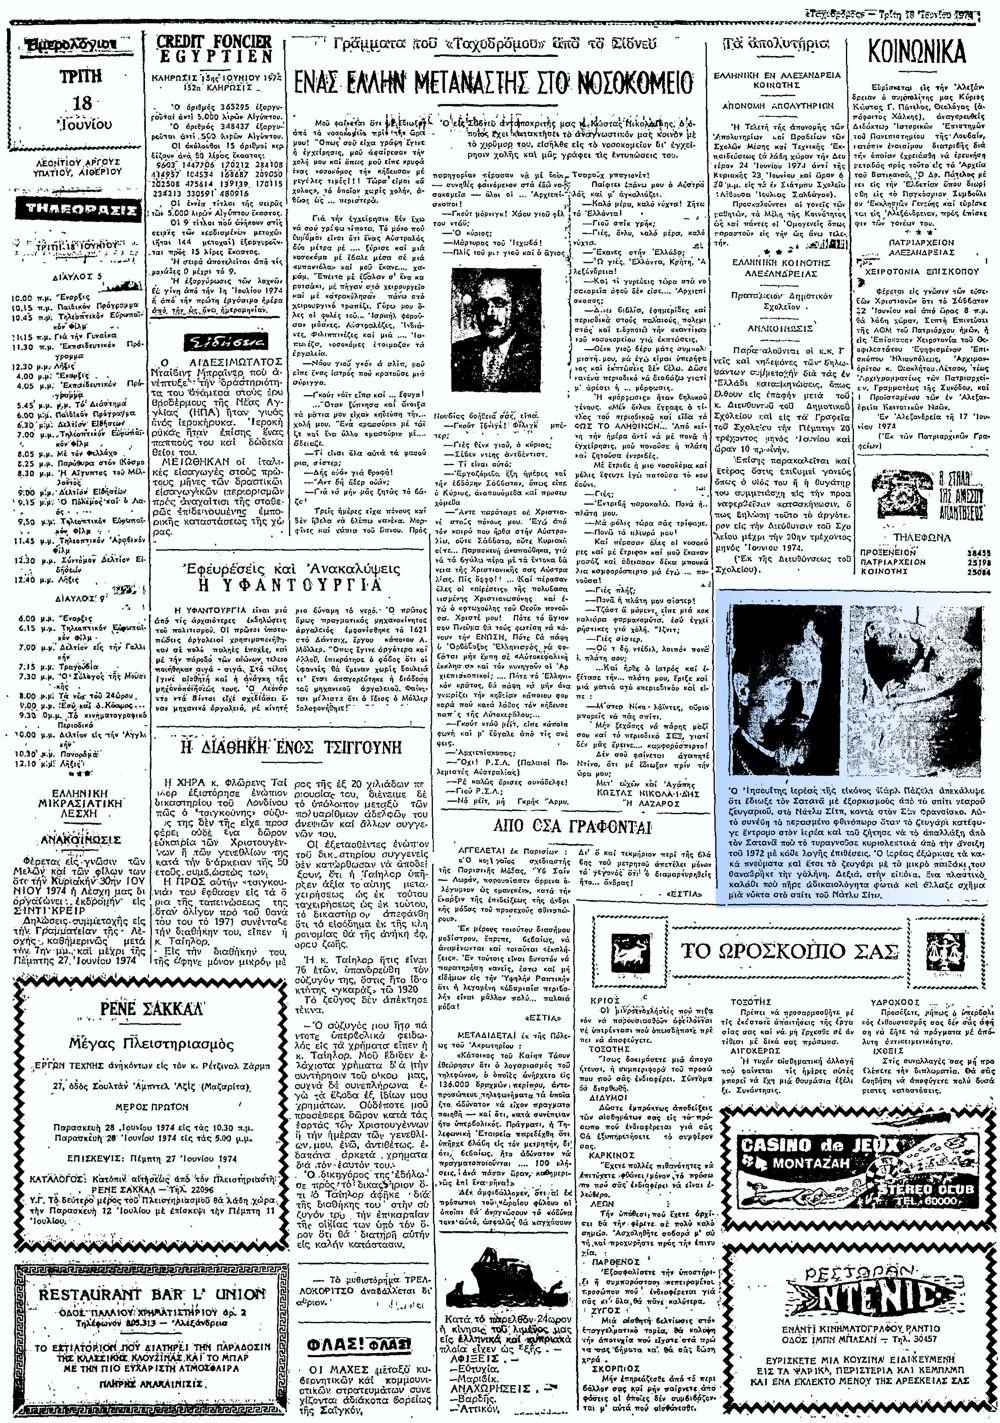 """Το άρθρο, όπως δημοσιεύθηκε στην εφημερίδα """"ΤΑΧΥΔΡΟΜΟΣ"""", στις 18/06/1974"""